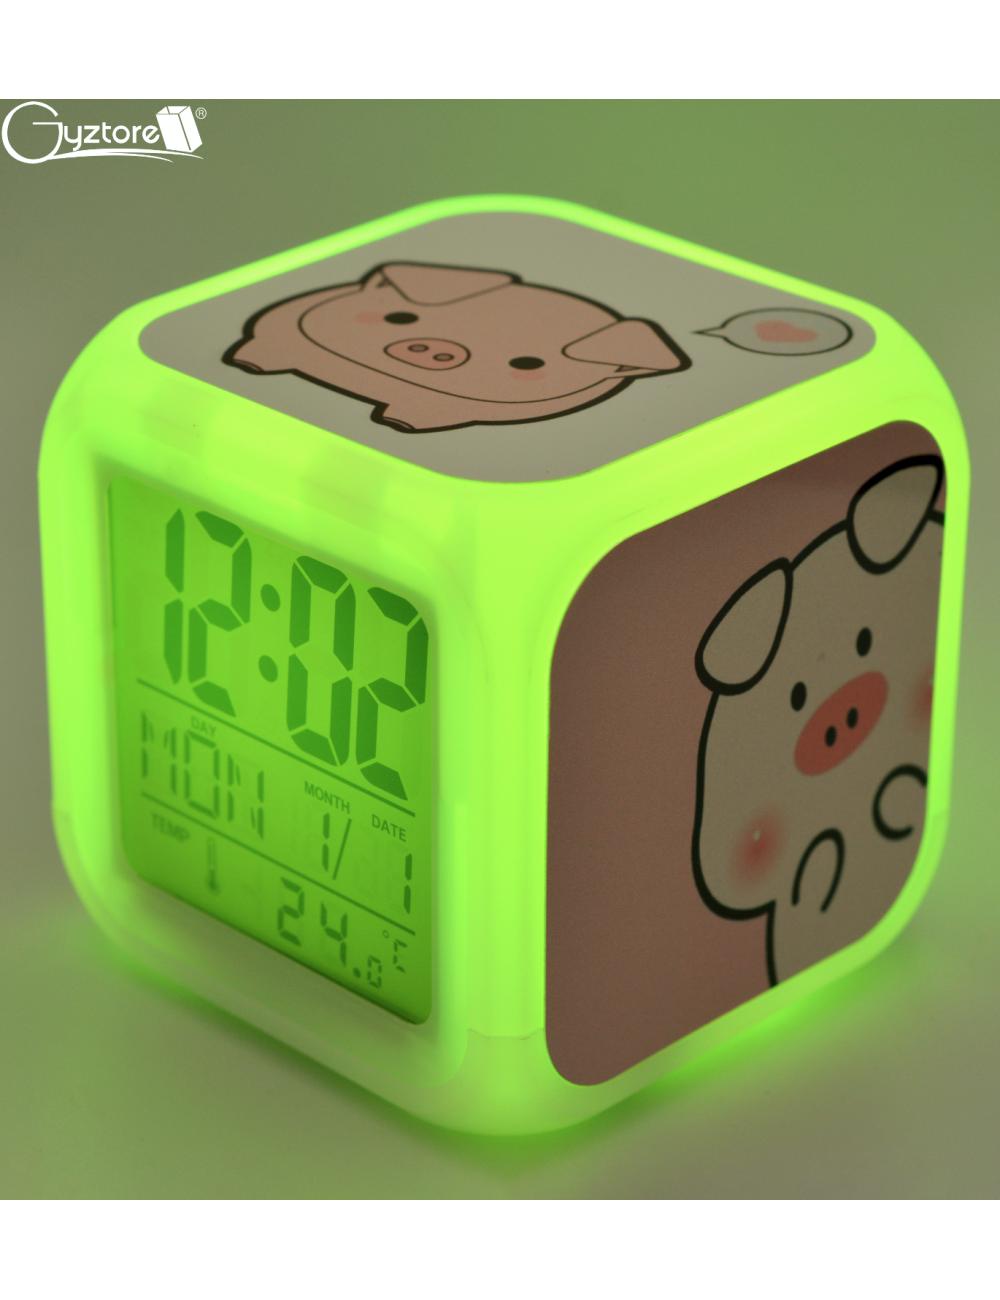 """Relojes digitales """"Chanchito"""" con LED multicolor"""